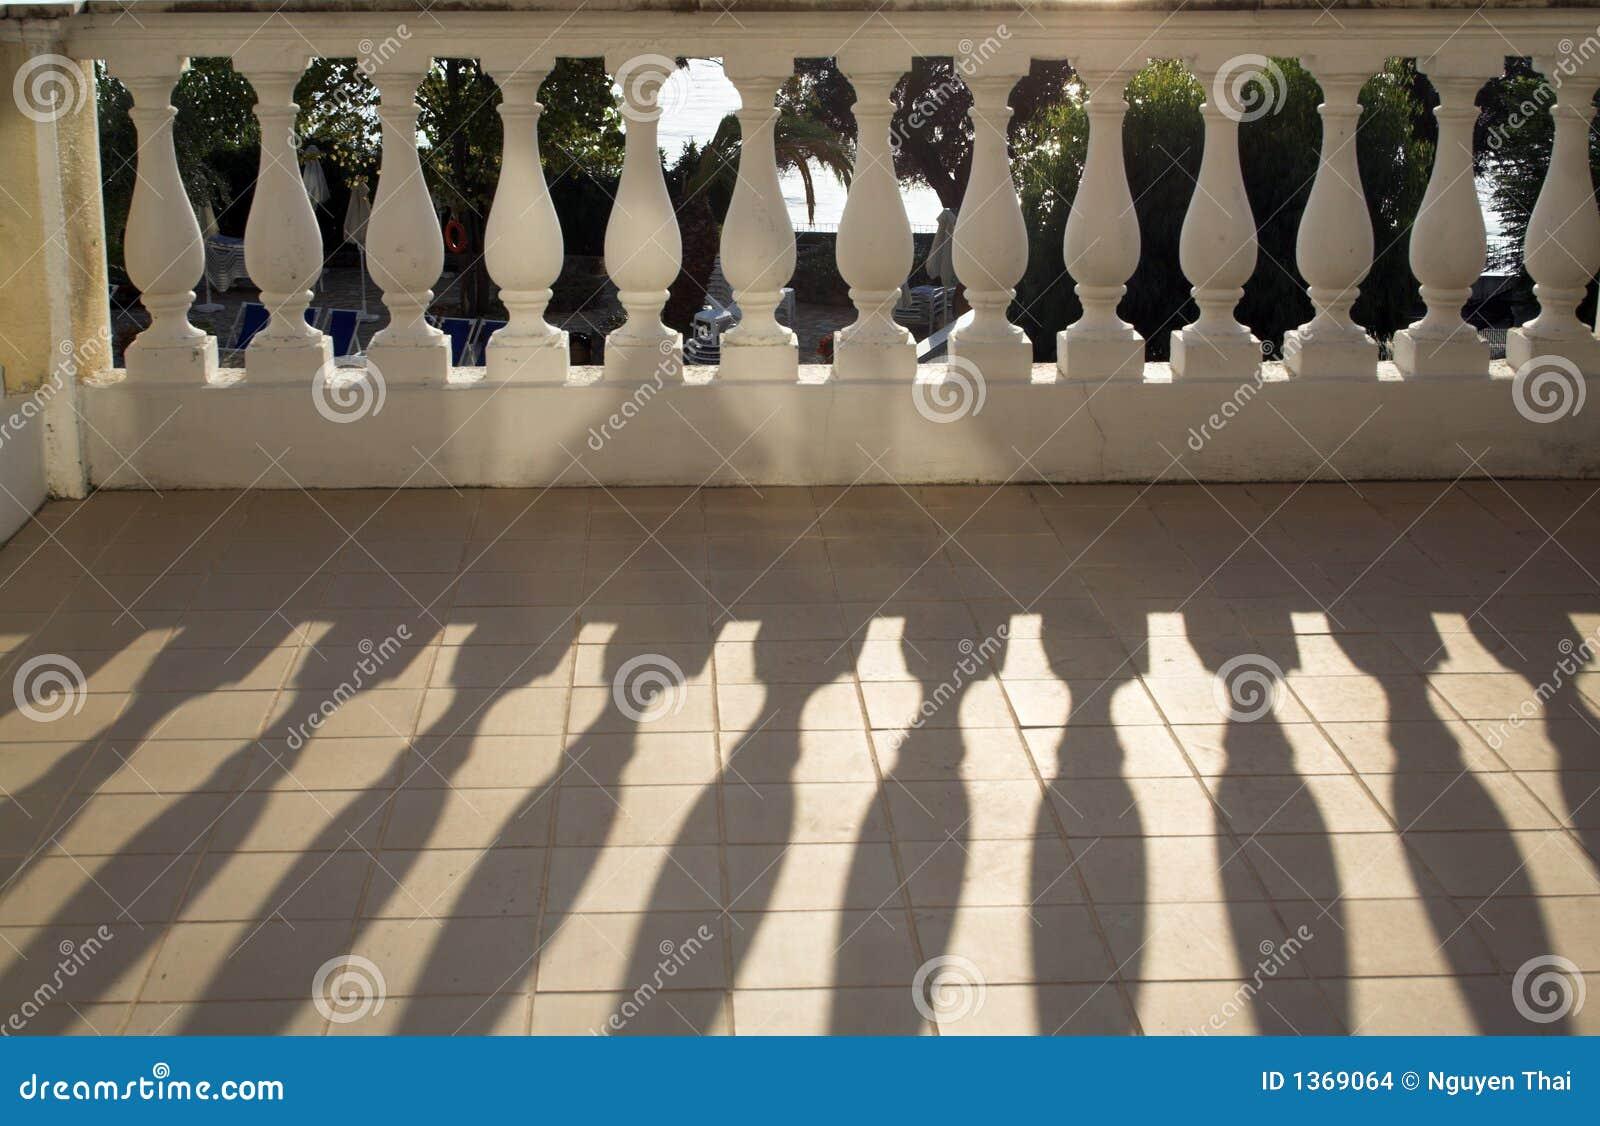 楼梯栏杆铸件遮蔽阳光